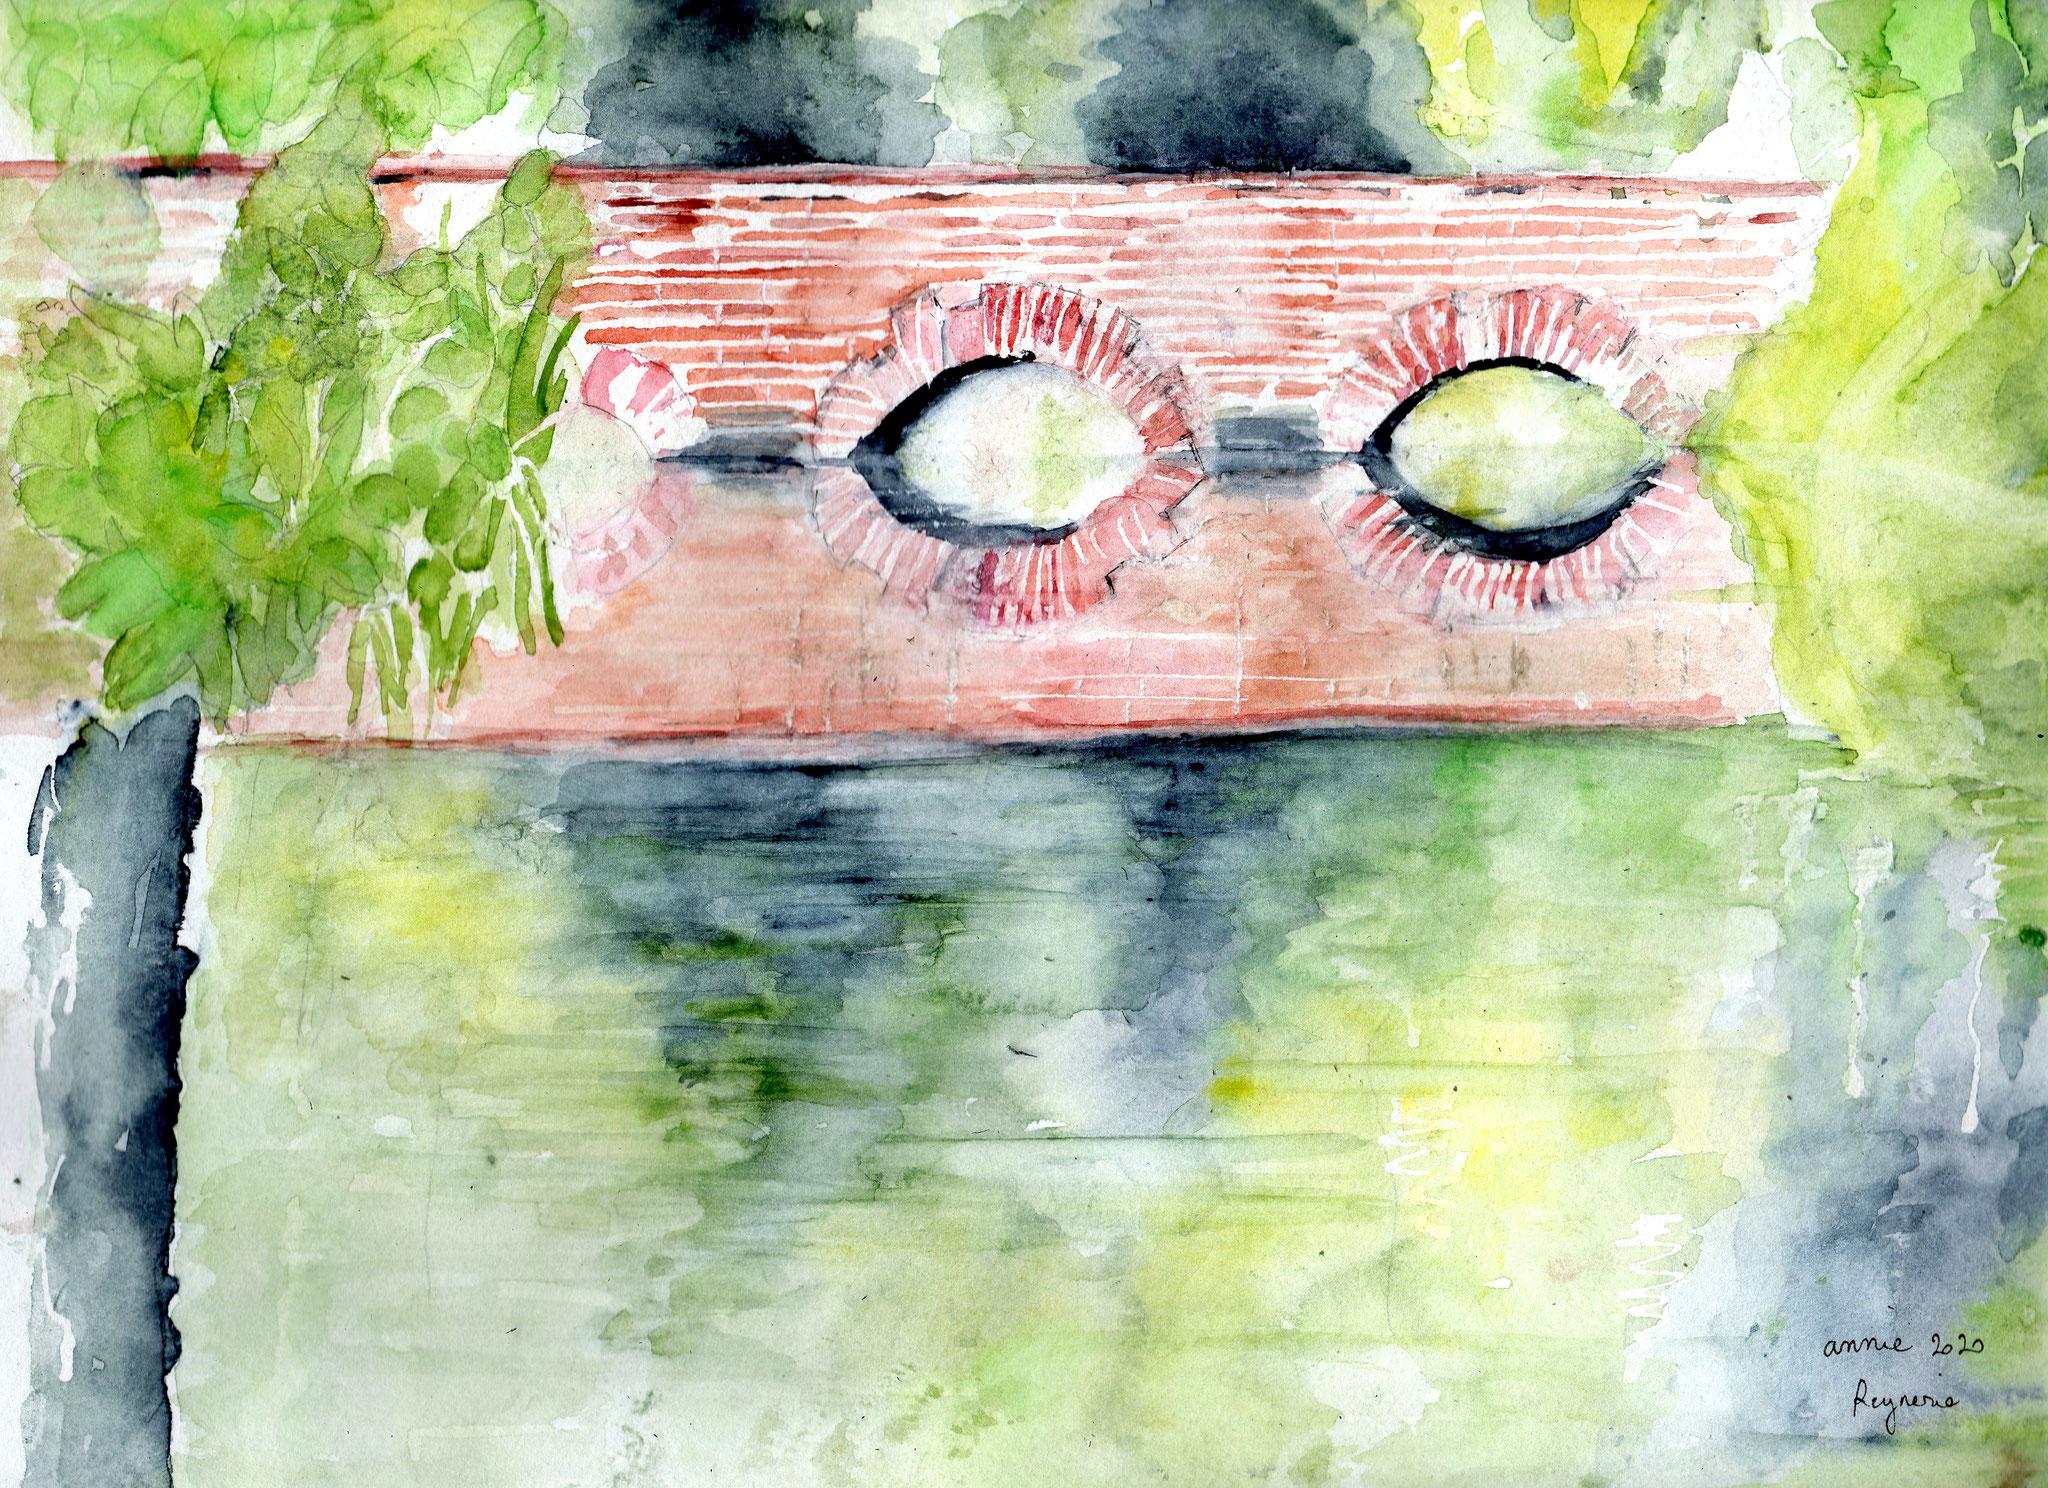 Le pont dans le parc inspiré d'une photo de Jehanne SBX